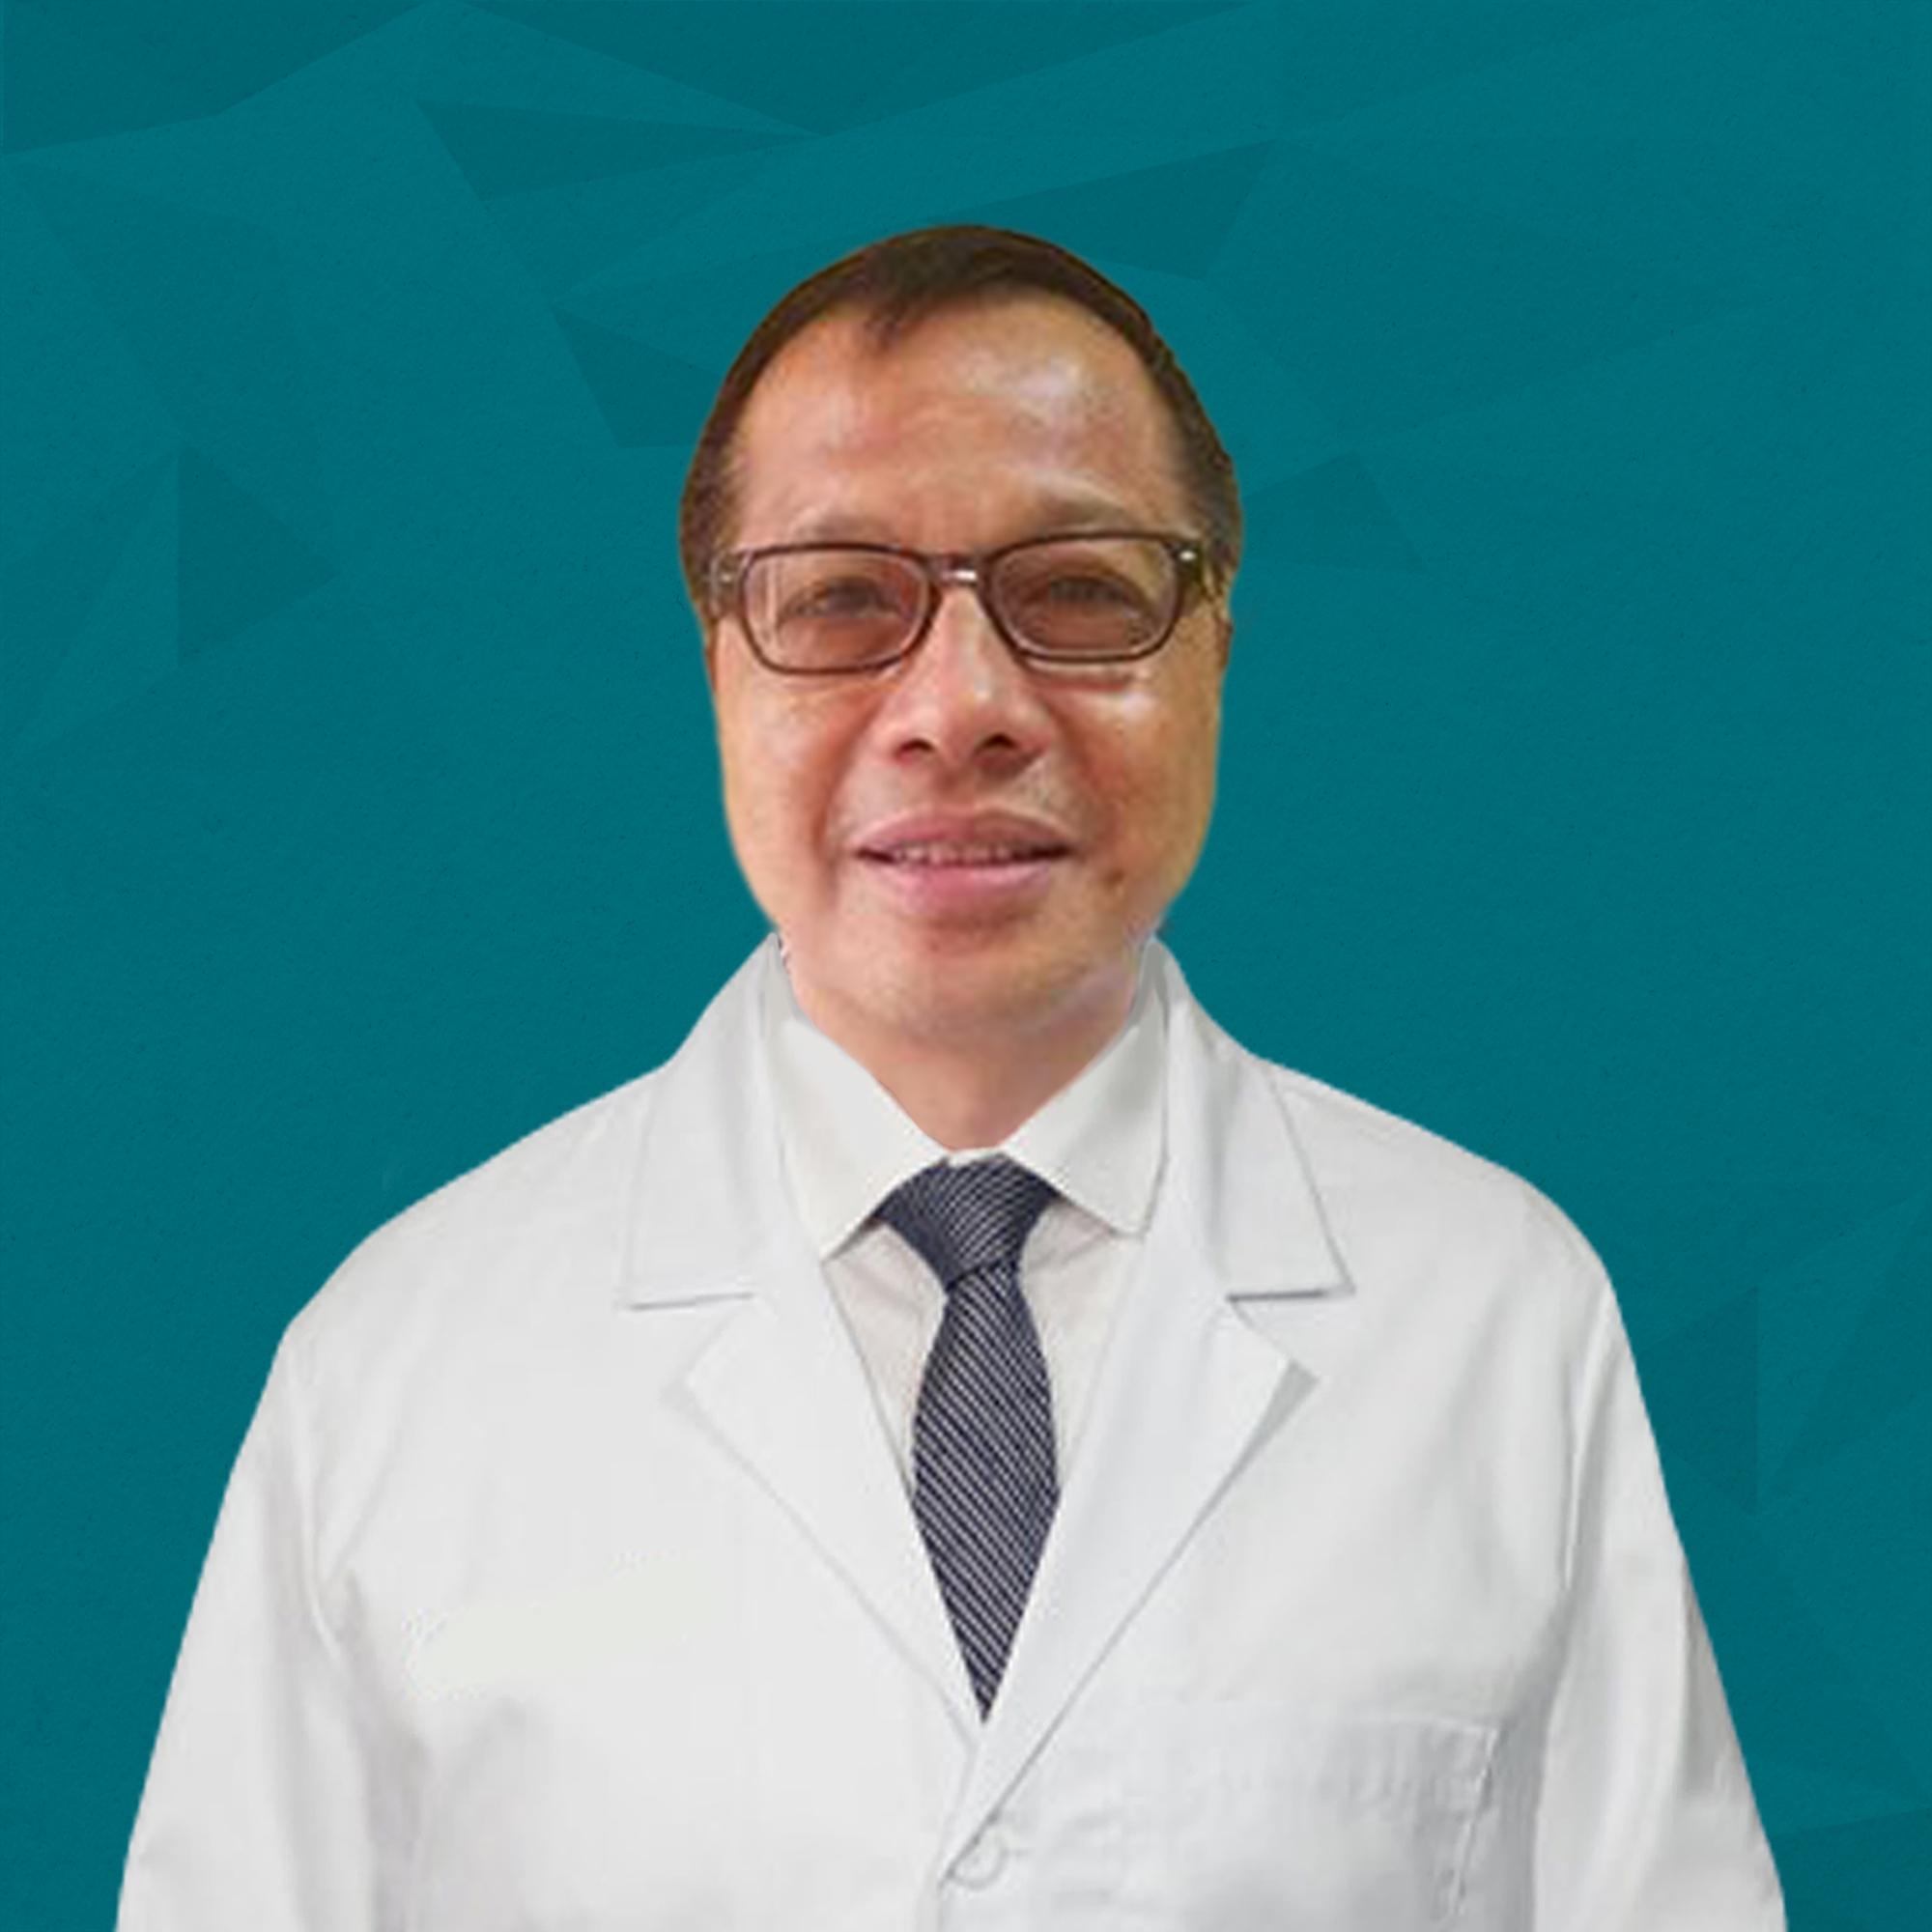 Dr. Sanchez, Virgilio E. Jr.